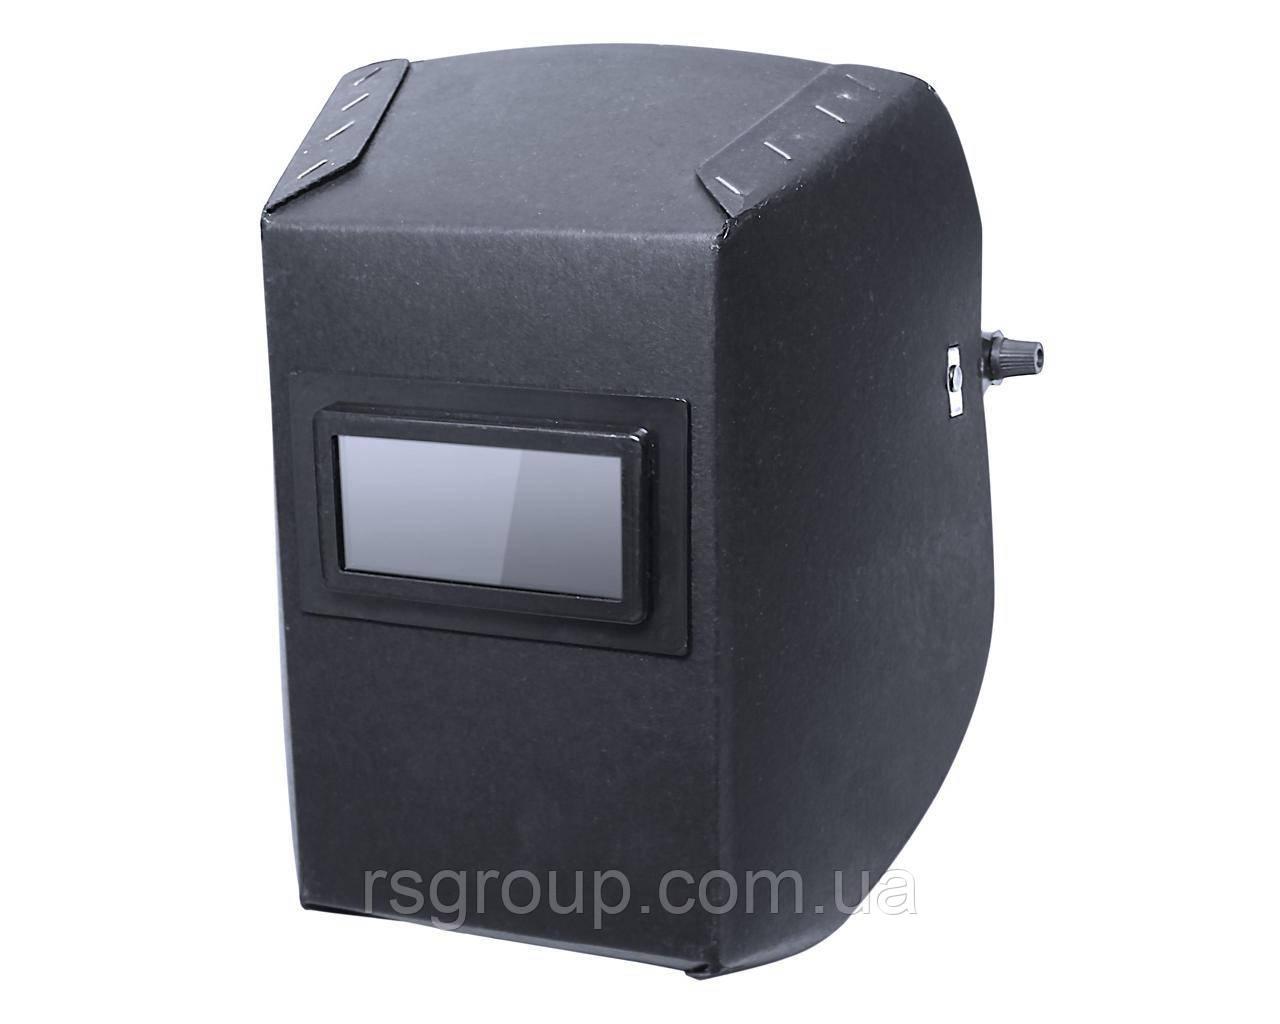 Маска зварювальника фібра-картон 0,8 мм VITA чорний